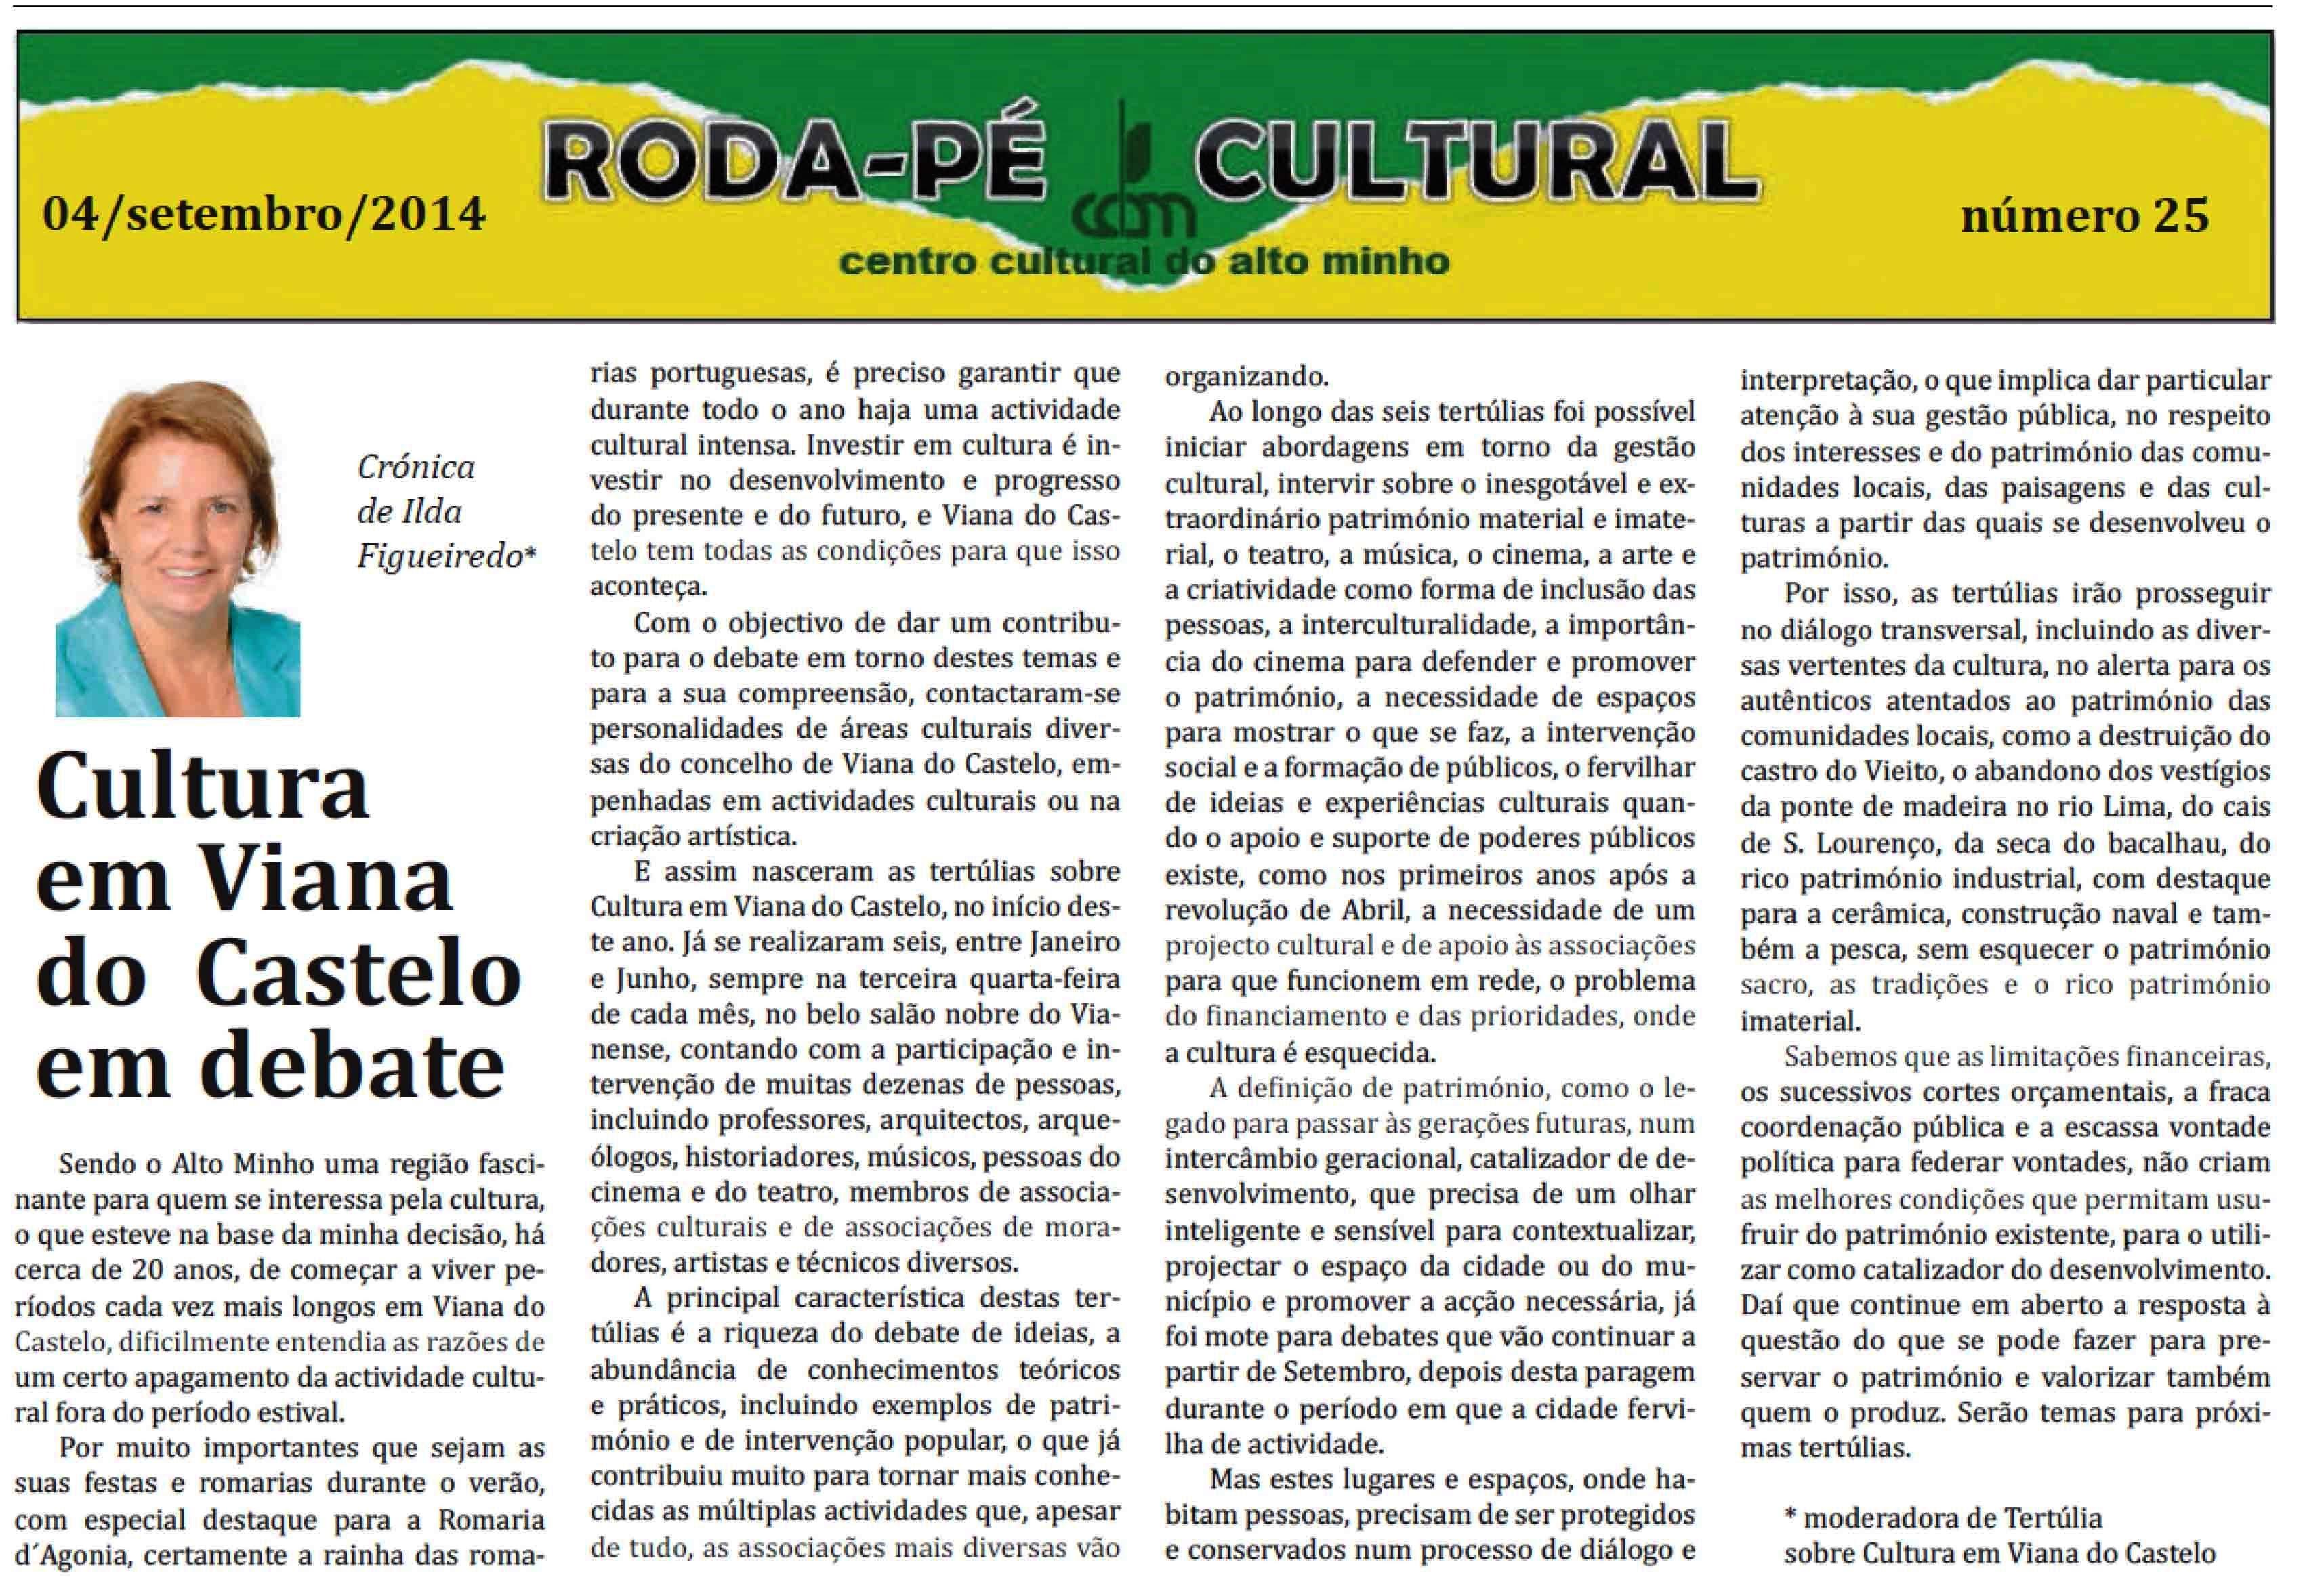 https://sites.google.com/a/centroculturaldoaltominho.org/ccam/actividades-realizadas/2014/Rp_25.jpg